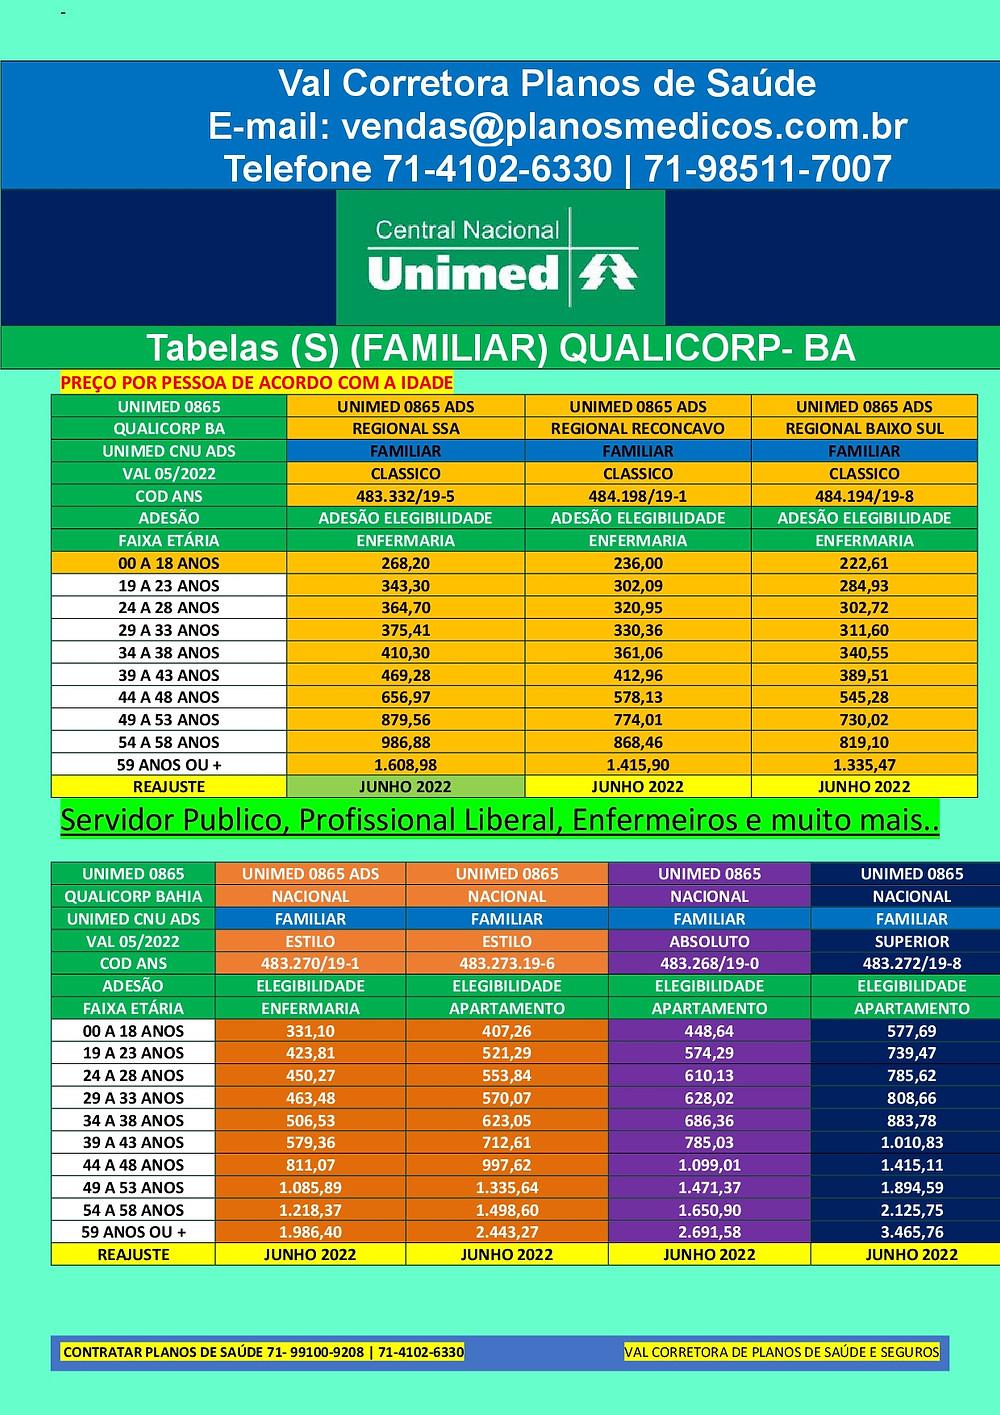 Tabelas de preços planos de saude familiar